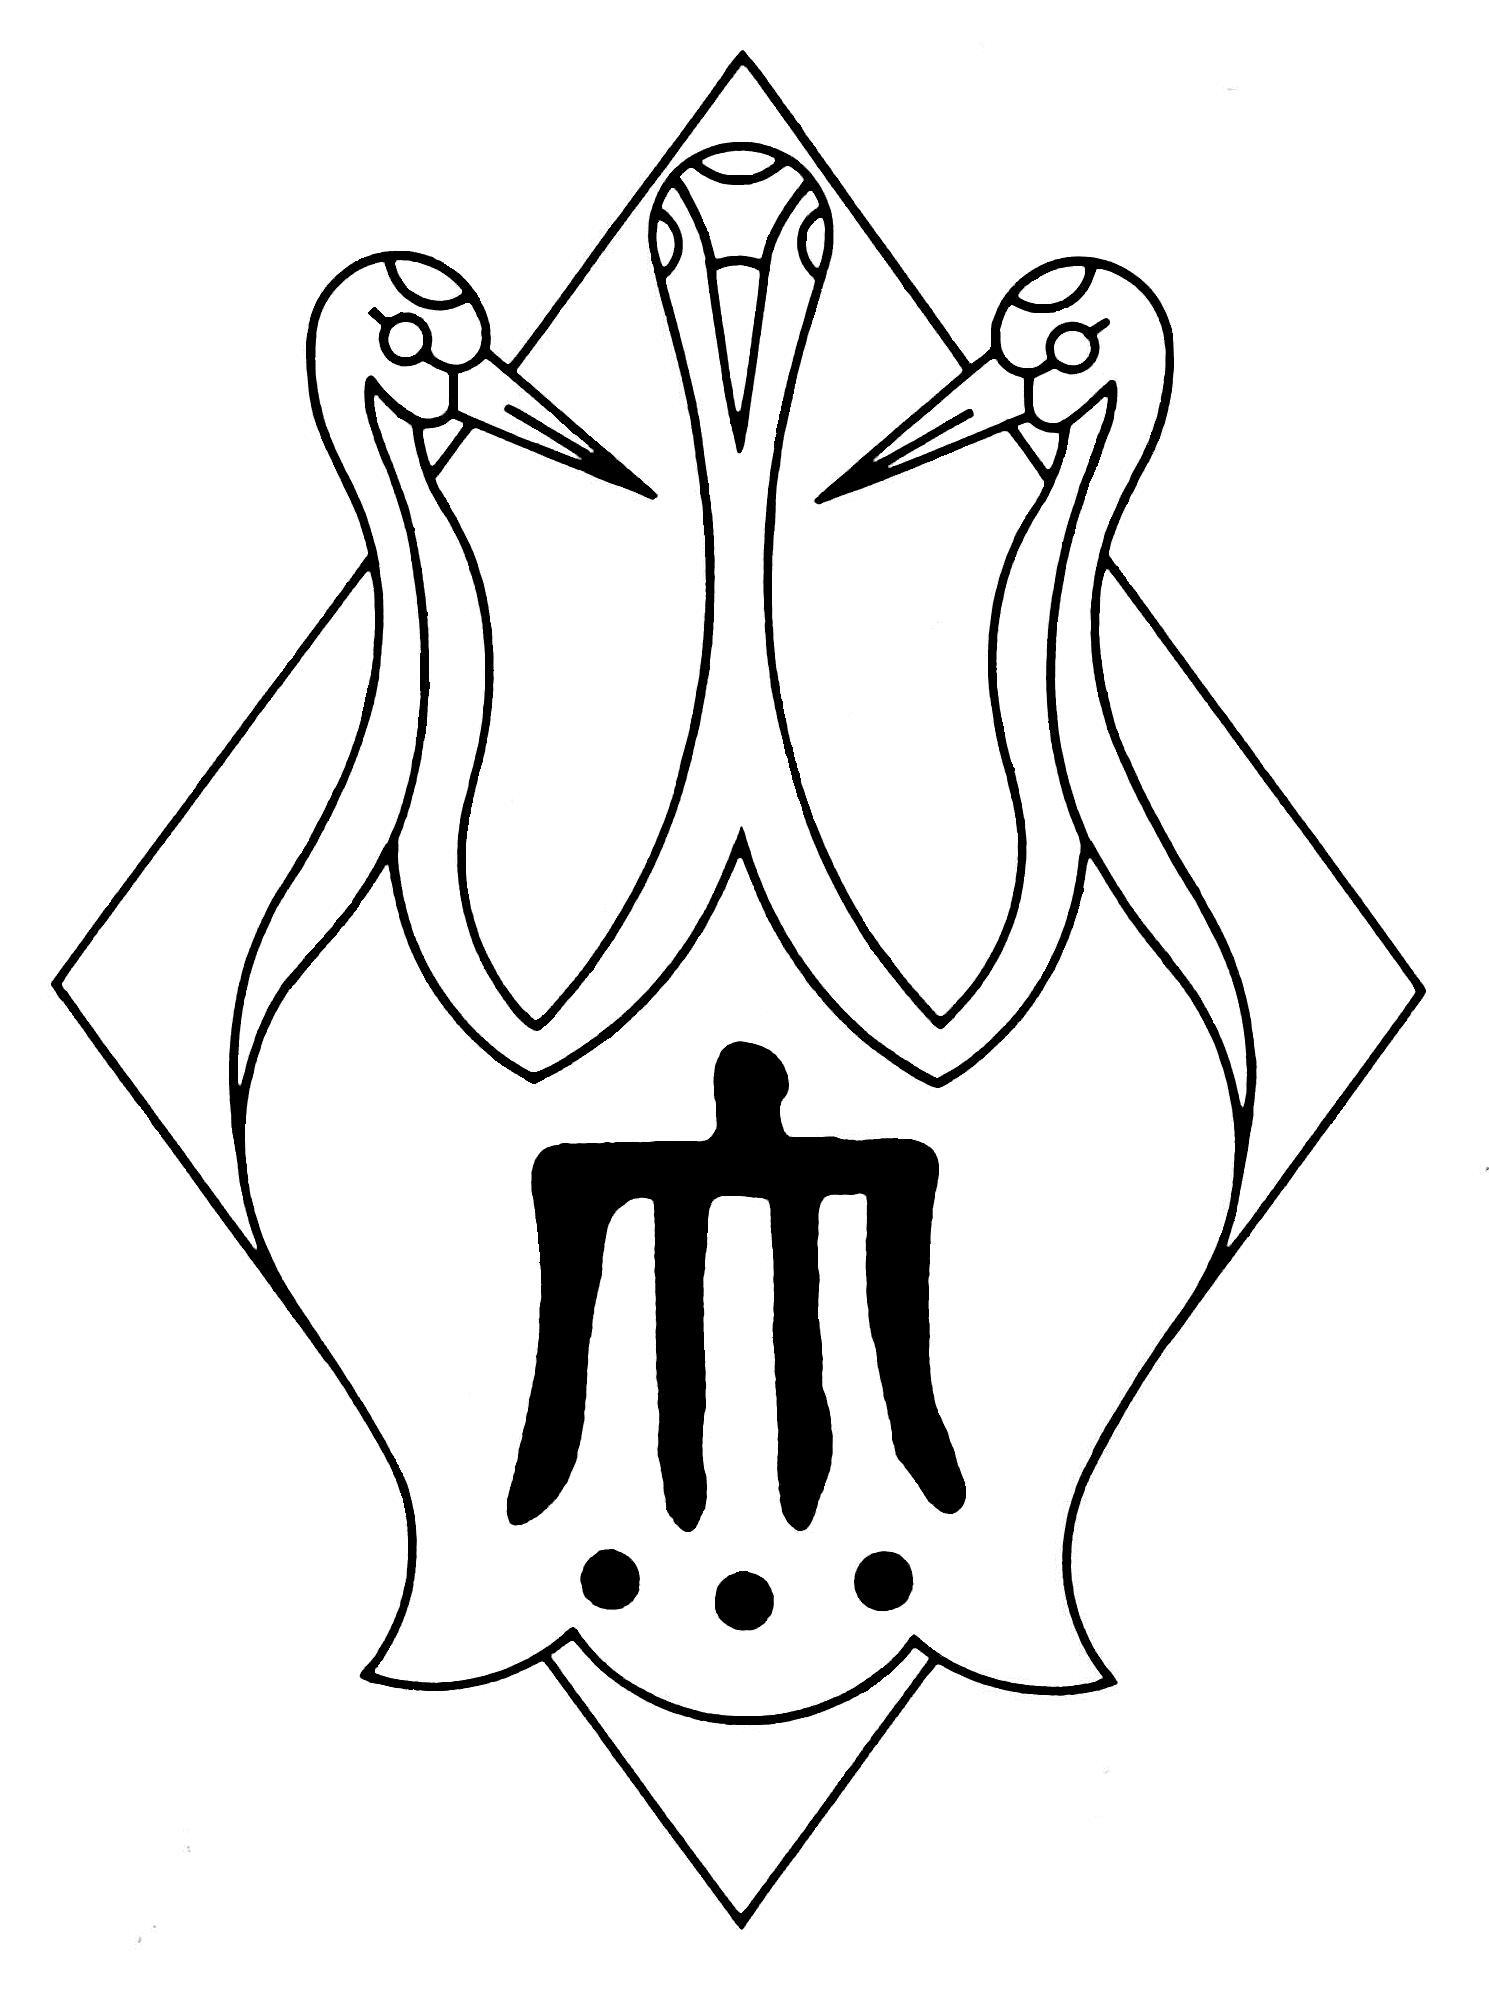 「温泉ソムリエ認定セミナー in 川村学園女子大学目白キャンパス」開催